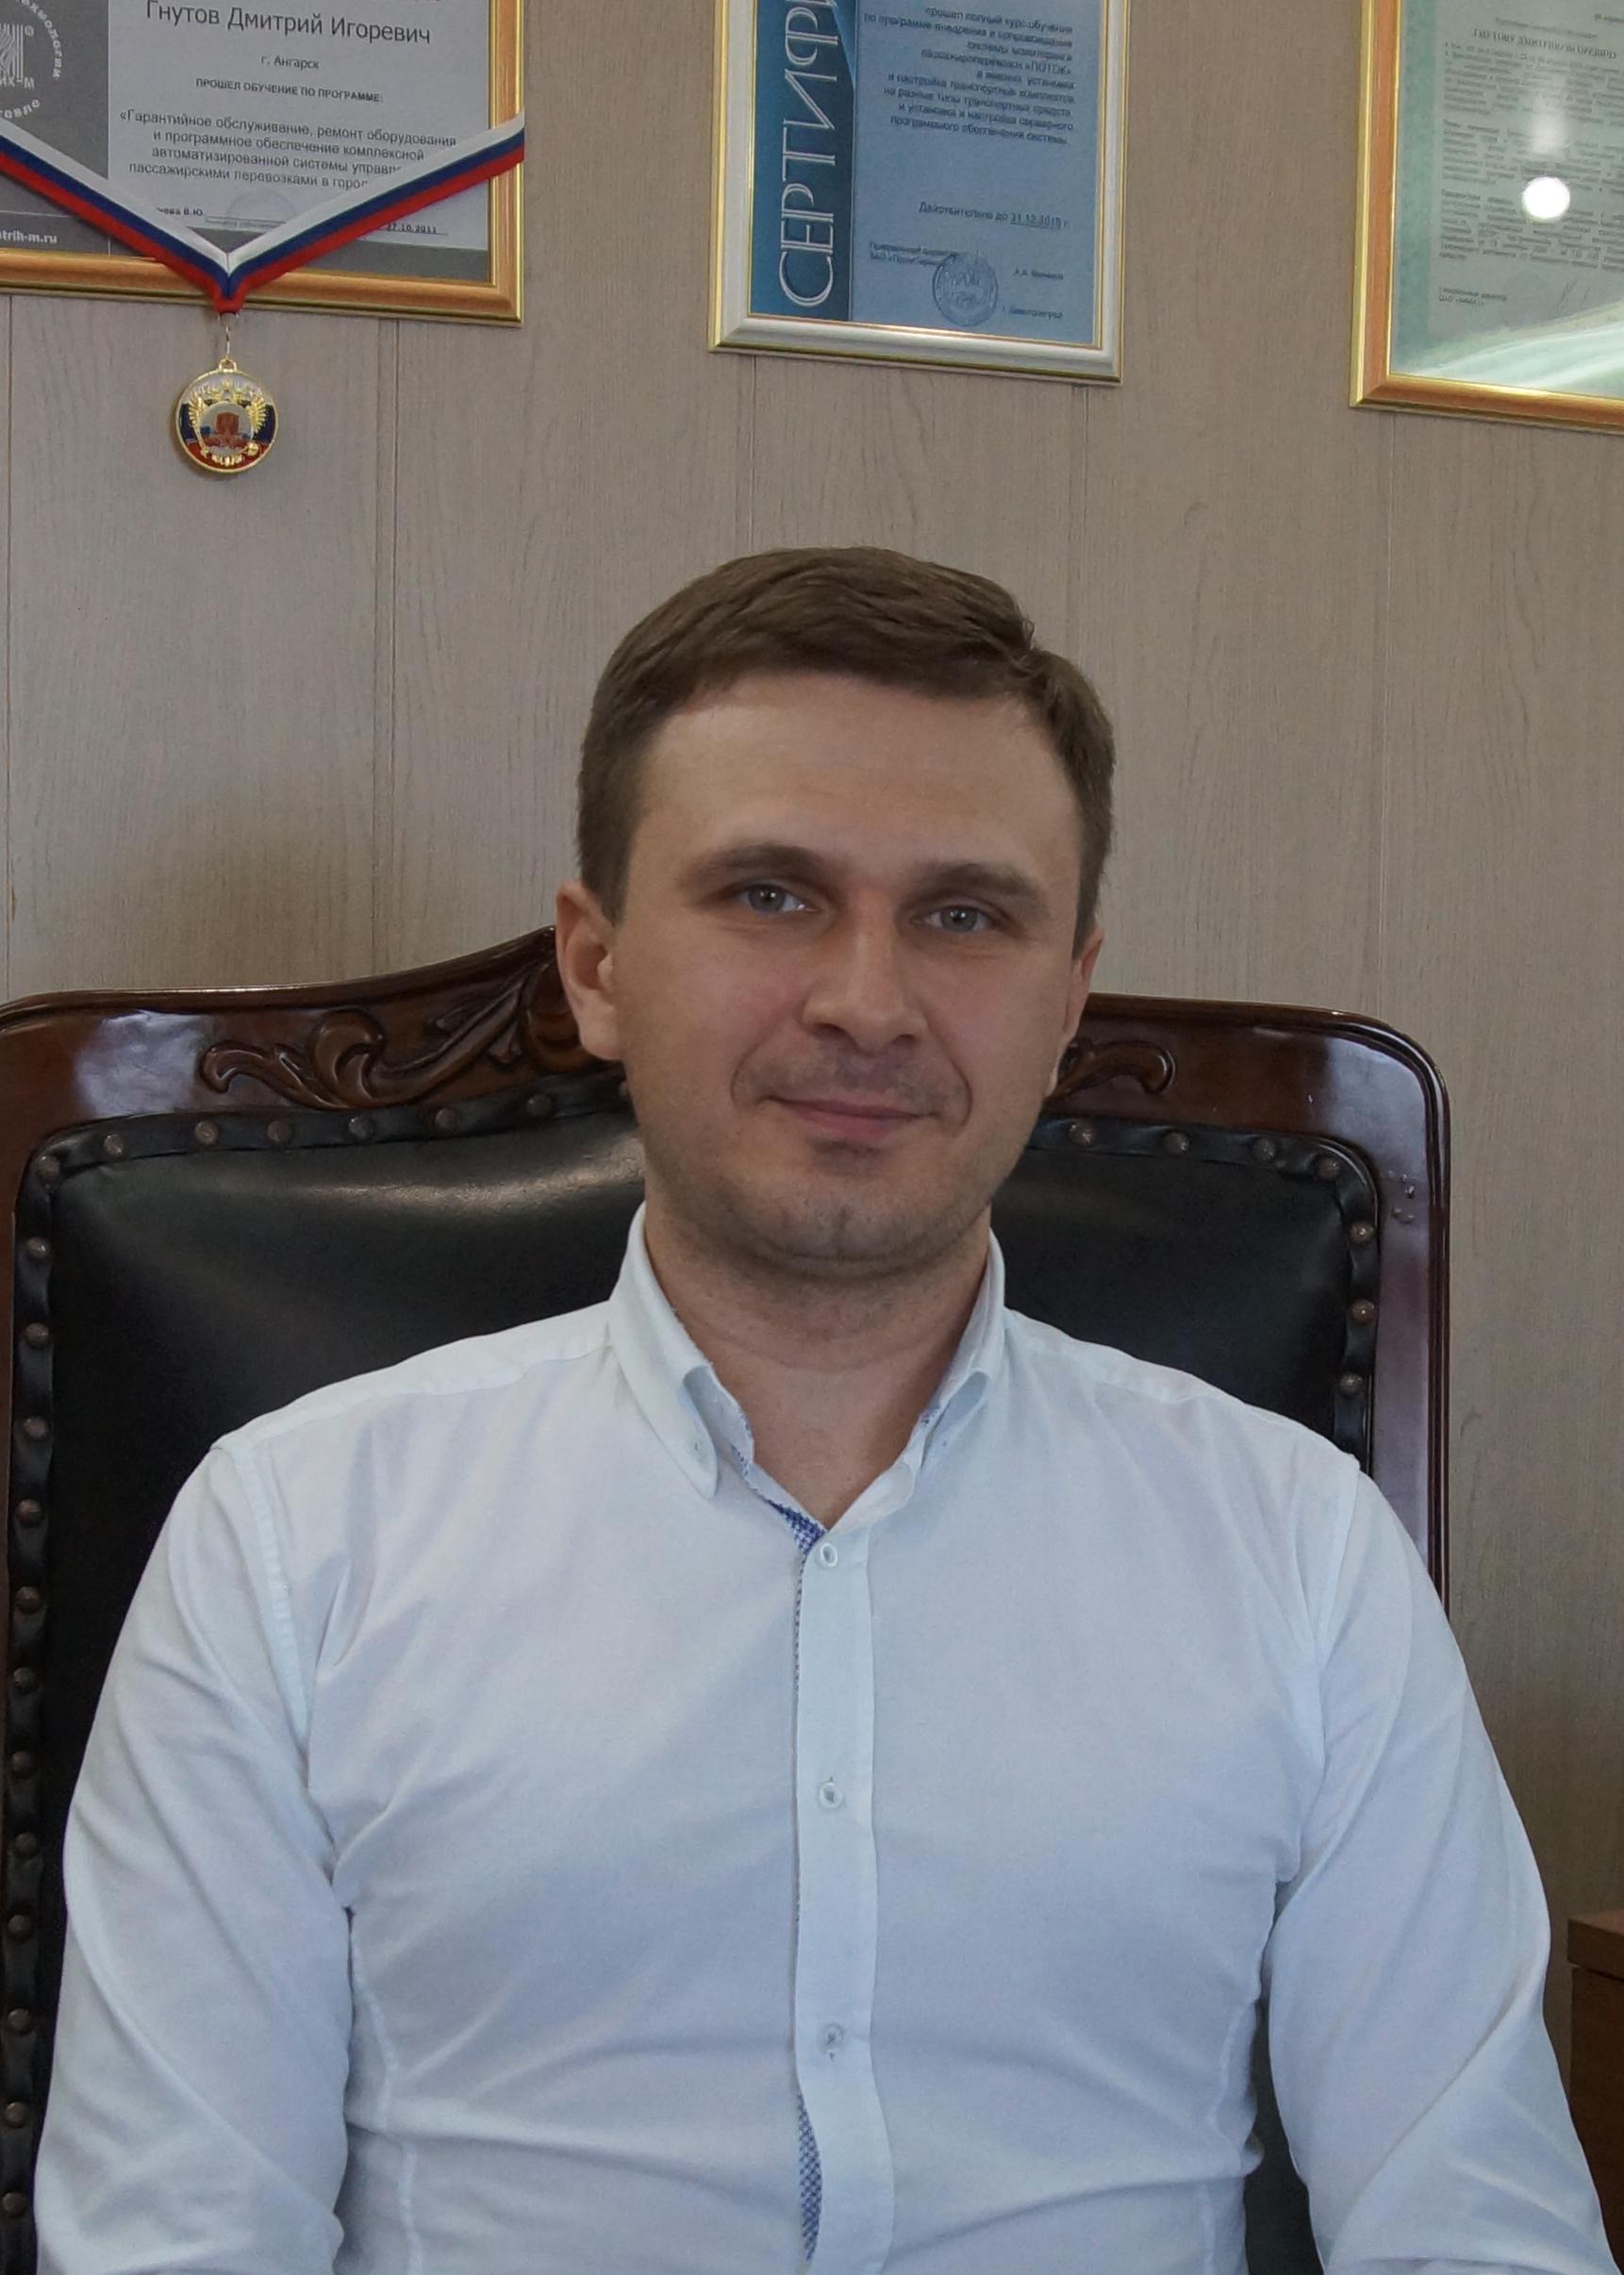 Заместитель генерального директора: Гнутов Дмитрий Игоревич